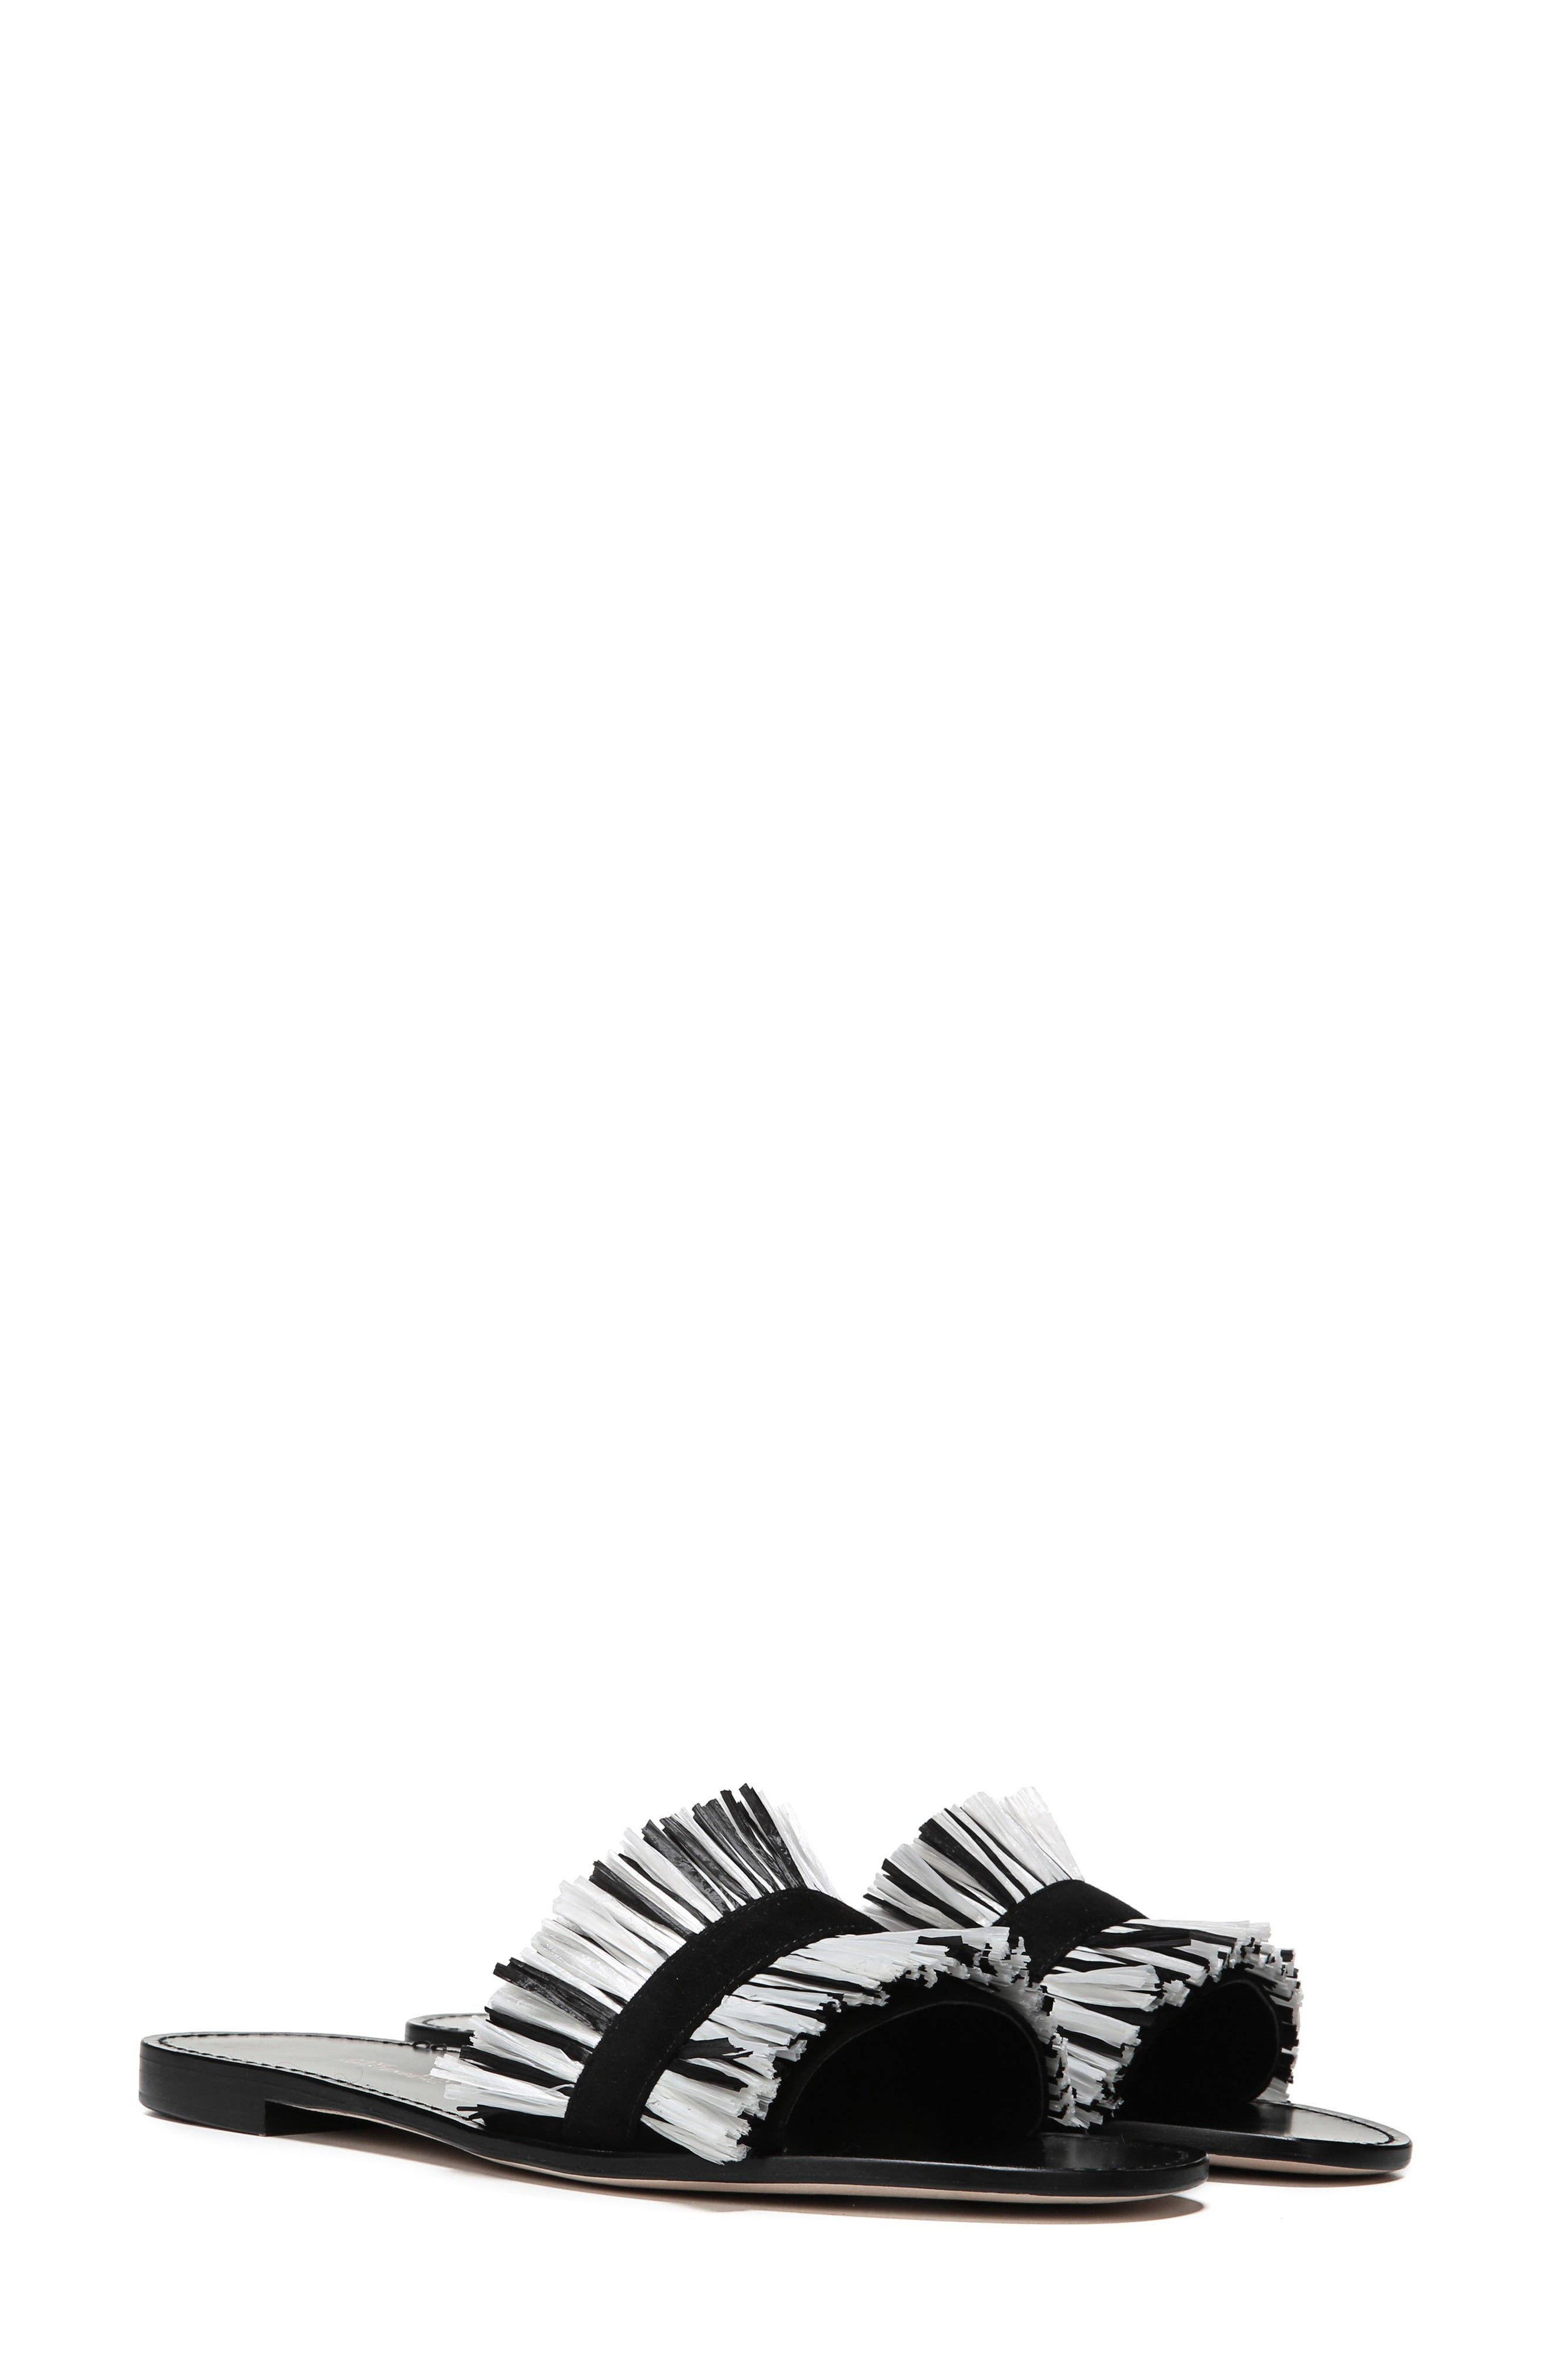 Eilat Slide Sandal,                             Alternate thumbnail 7, color,                             001